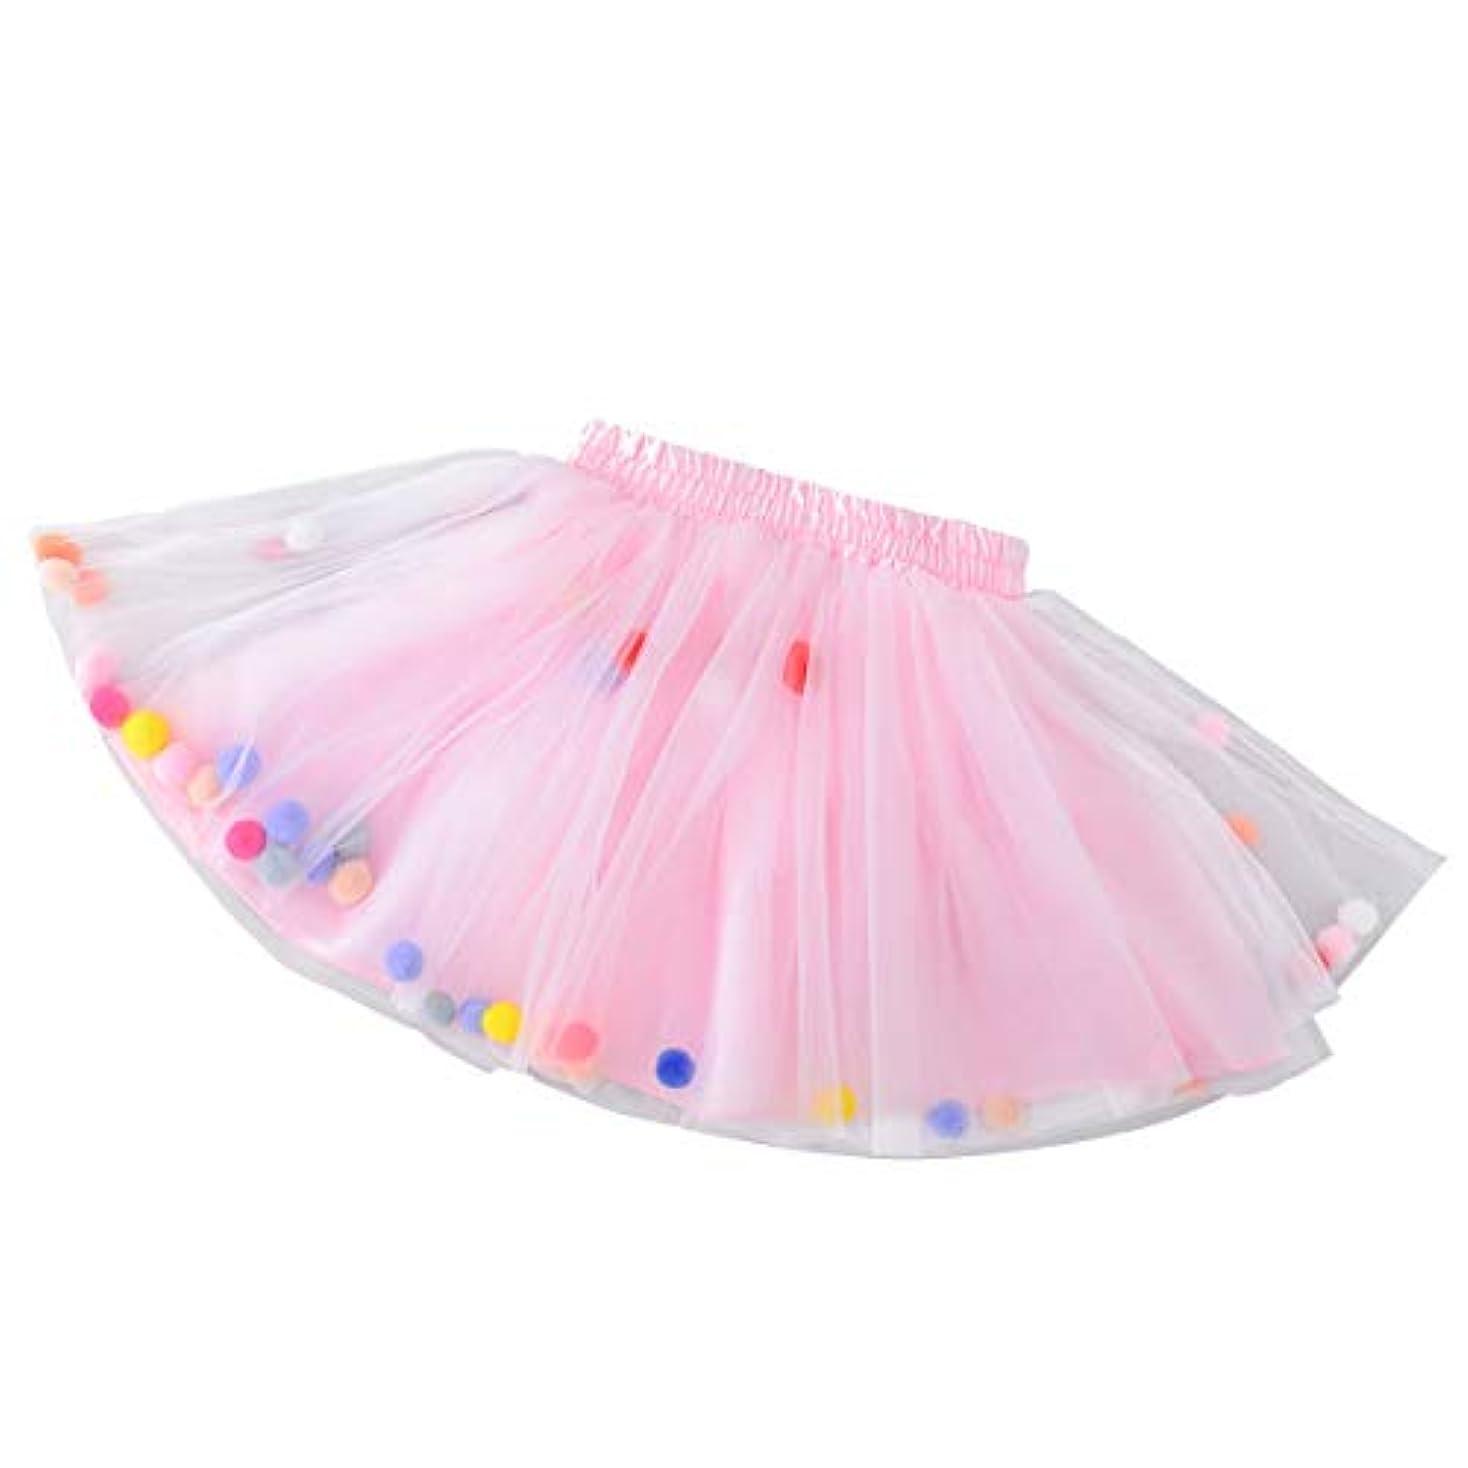 百年先入観小切手YeahiBaby 子供チュチュスカートラブリーピンクミディスカートカラフルなファジーボールガーゼスカートプリンセスドレス衣装用女の子(サイズl)